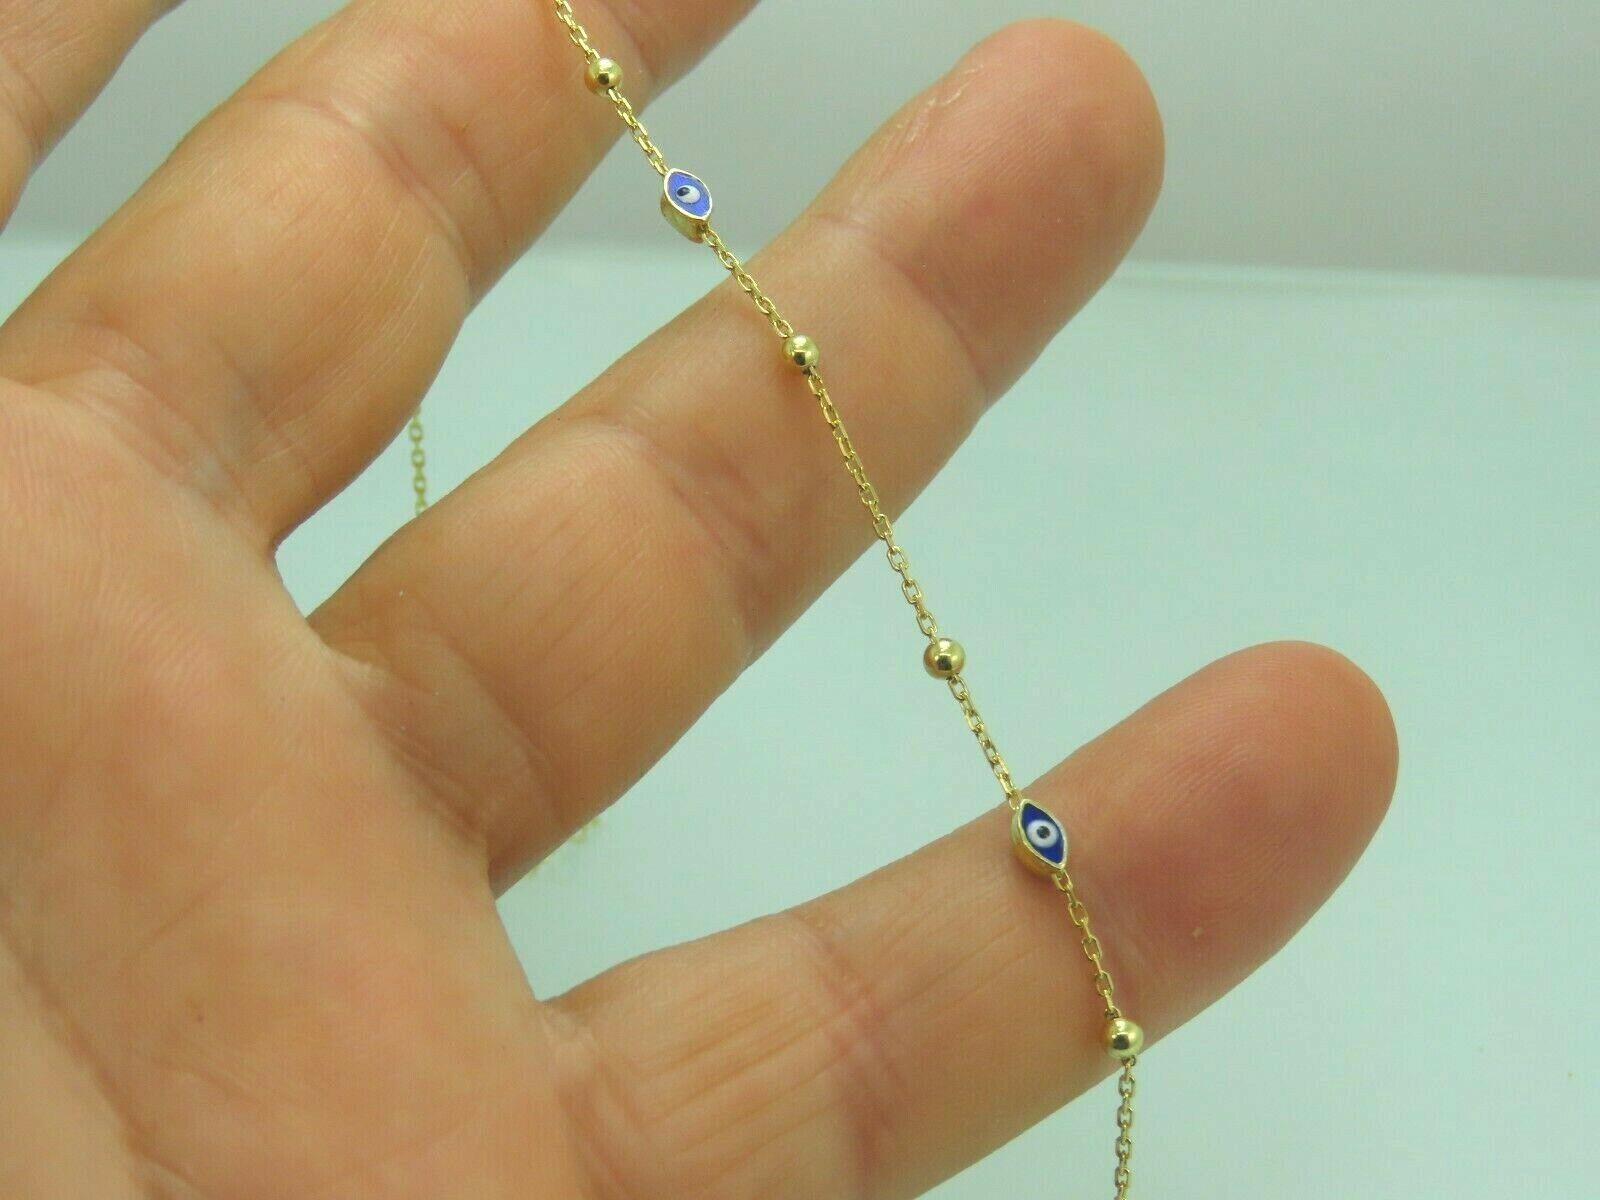 Turkish Handmade Jewelry 925 Sterling Silver Evil Eye Stone Women Bracelet